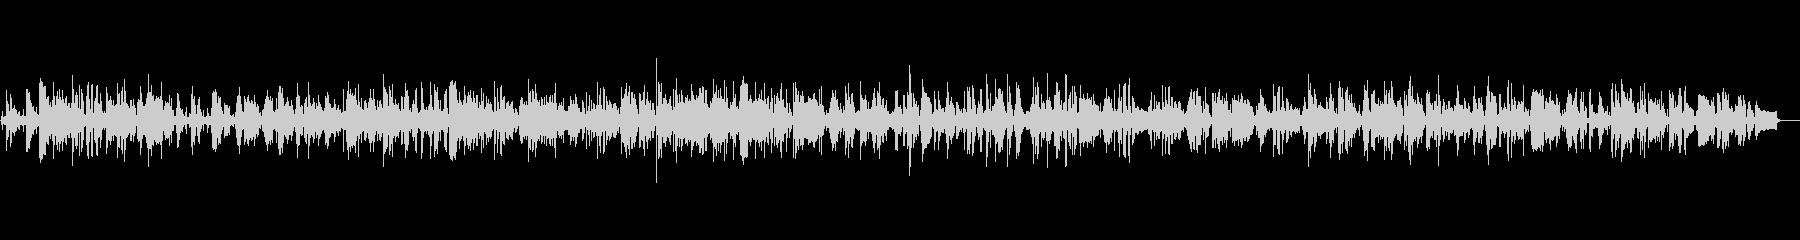 ピアノの落ち着きのあるジャズバラードの未再生の波形